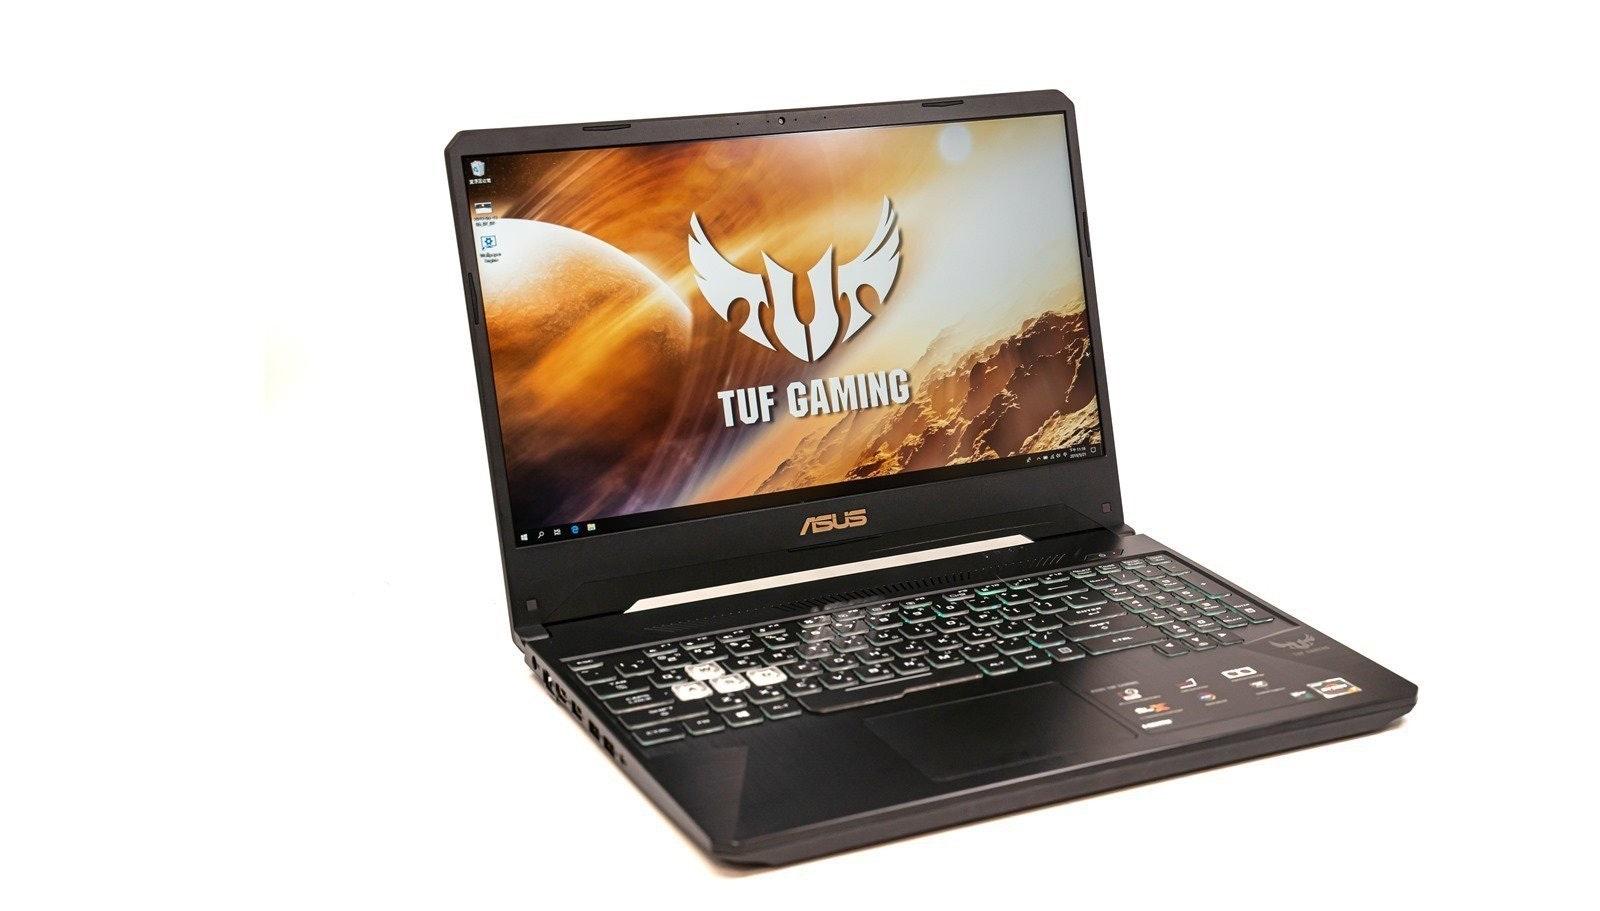 是AMD + NVIDIA 強強聯手!性價比強悍遊戲筆電 ASUS TUF Gaming FX505DU這篇文章的首圖